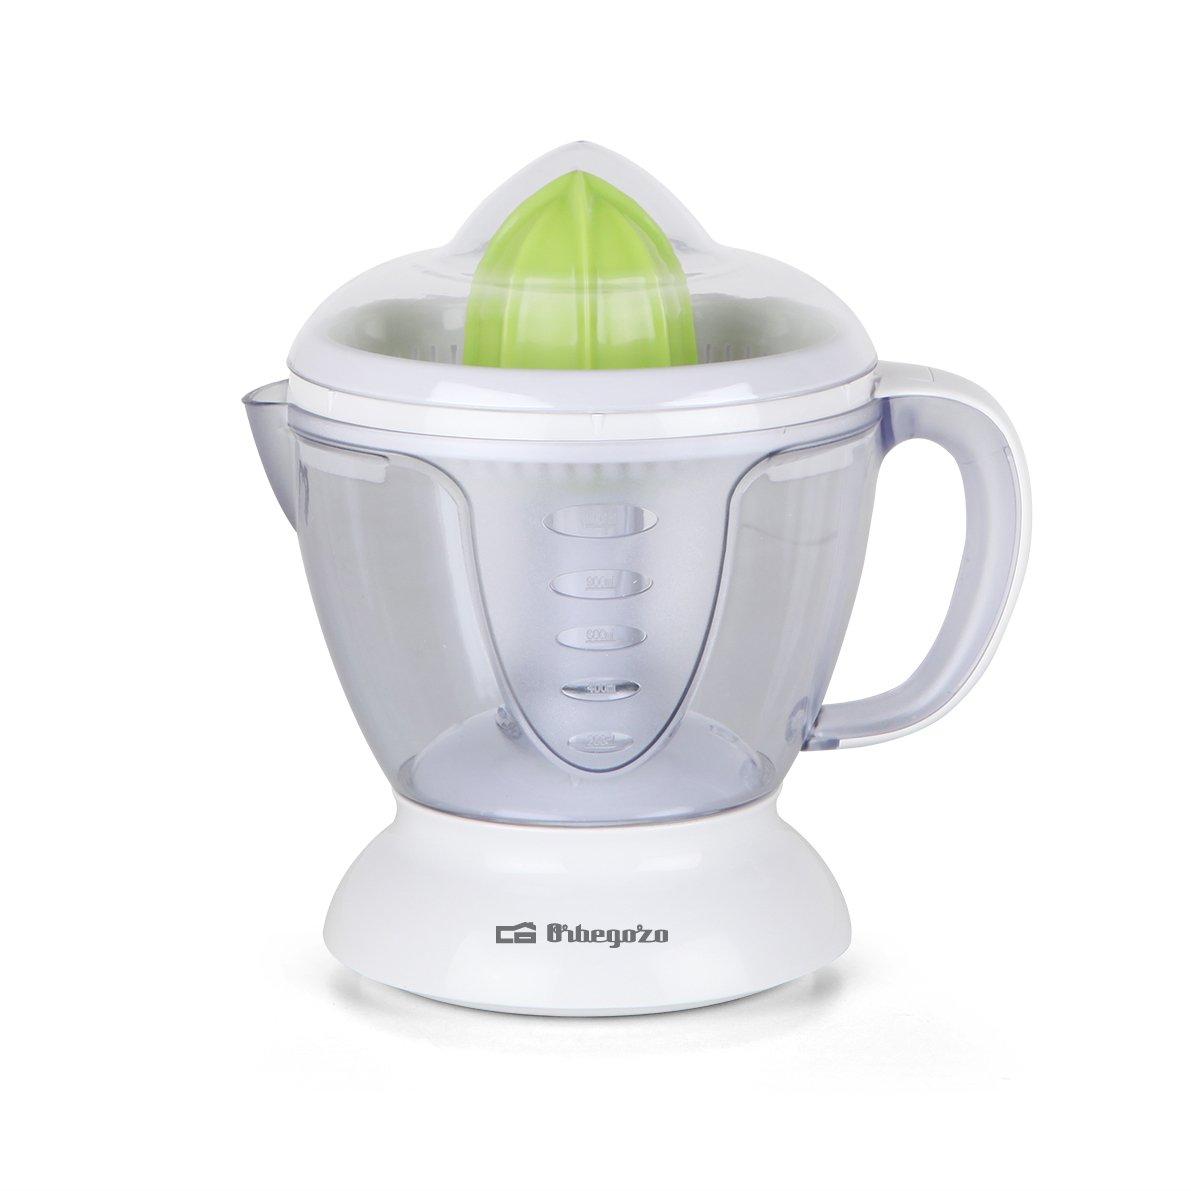 Orbegozo EP 2200 – Exprimidor de naranjas eléctrico de 40 W, 1.2 L, color blanco y verde